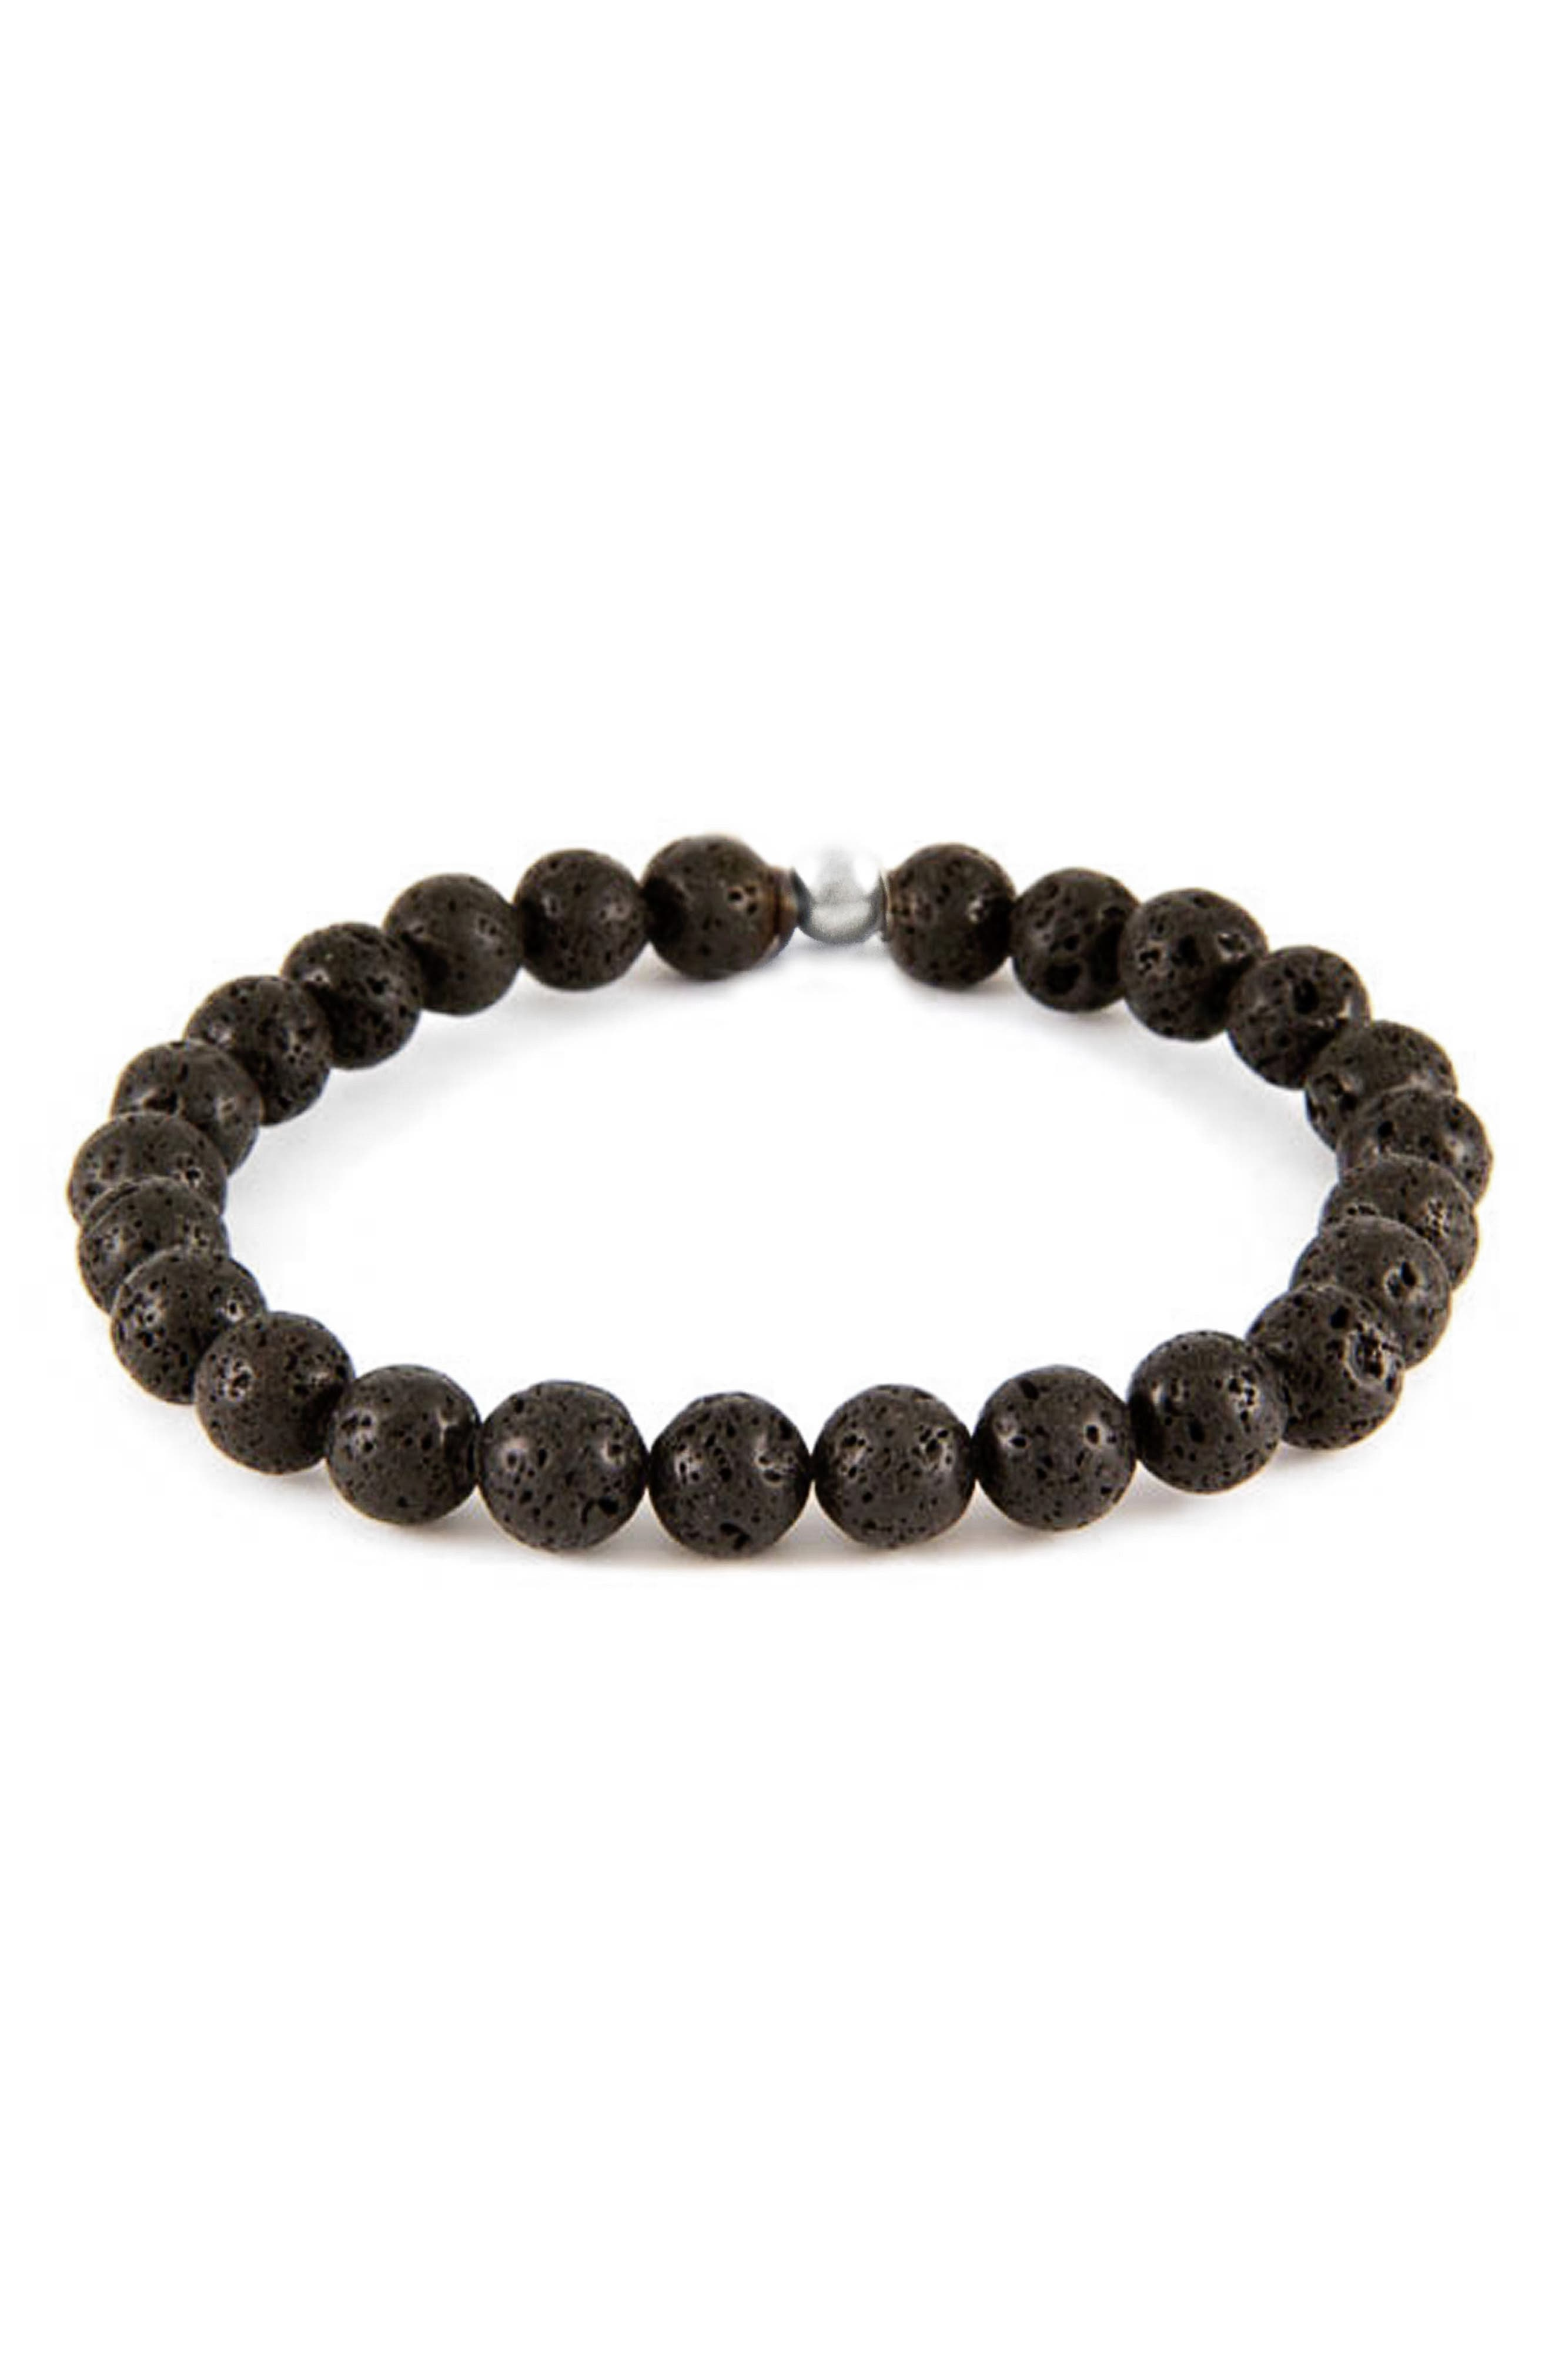 Lava Stone Bead Bracelet,                             Alternate thumbnail 2, color,                             001